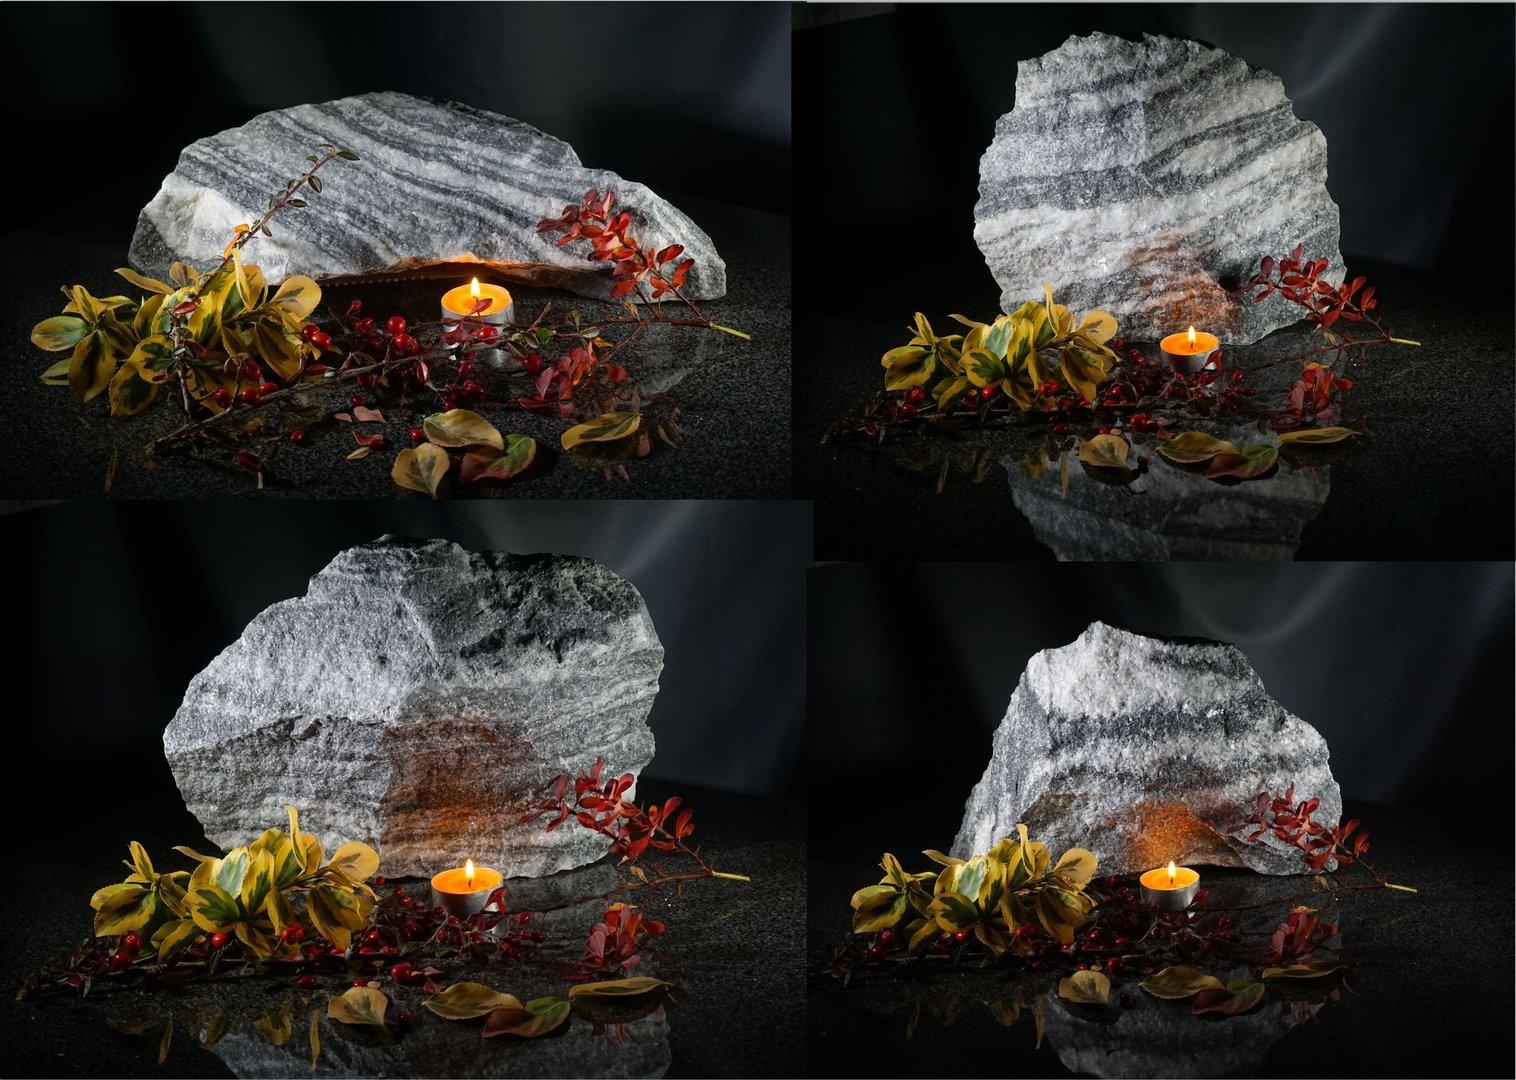 Deko steine aus quarzit for Deko garten steine